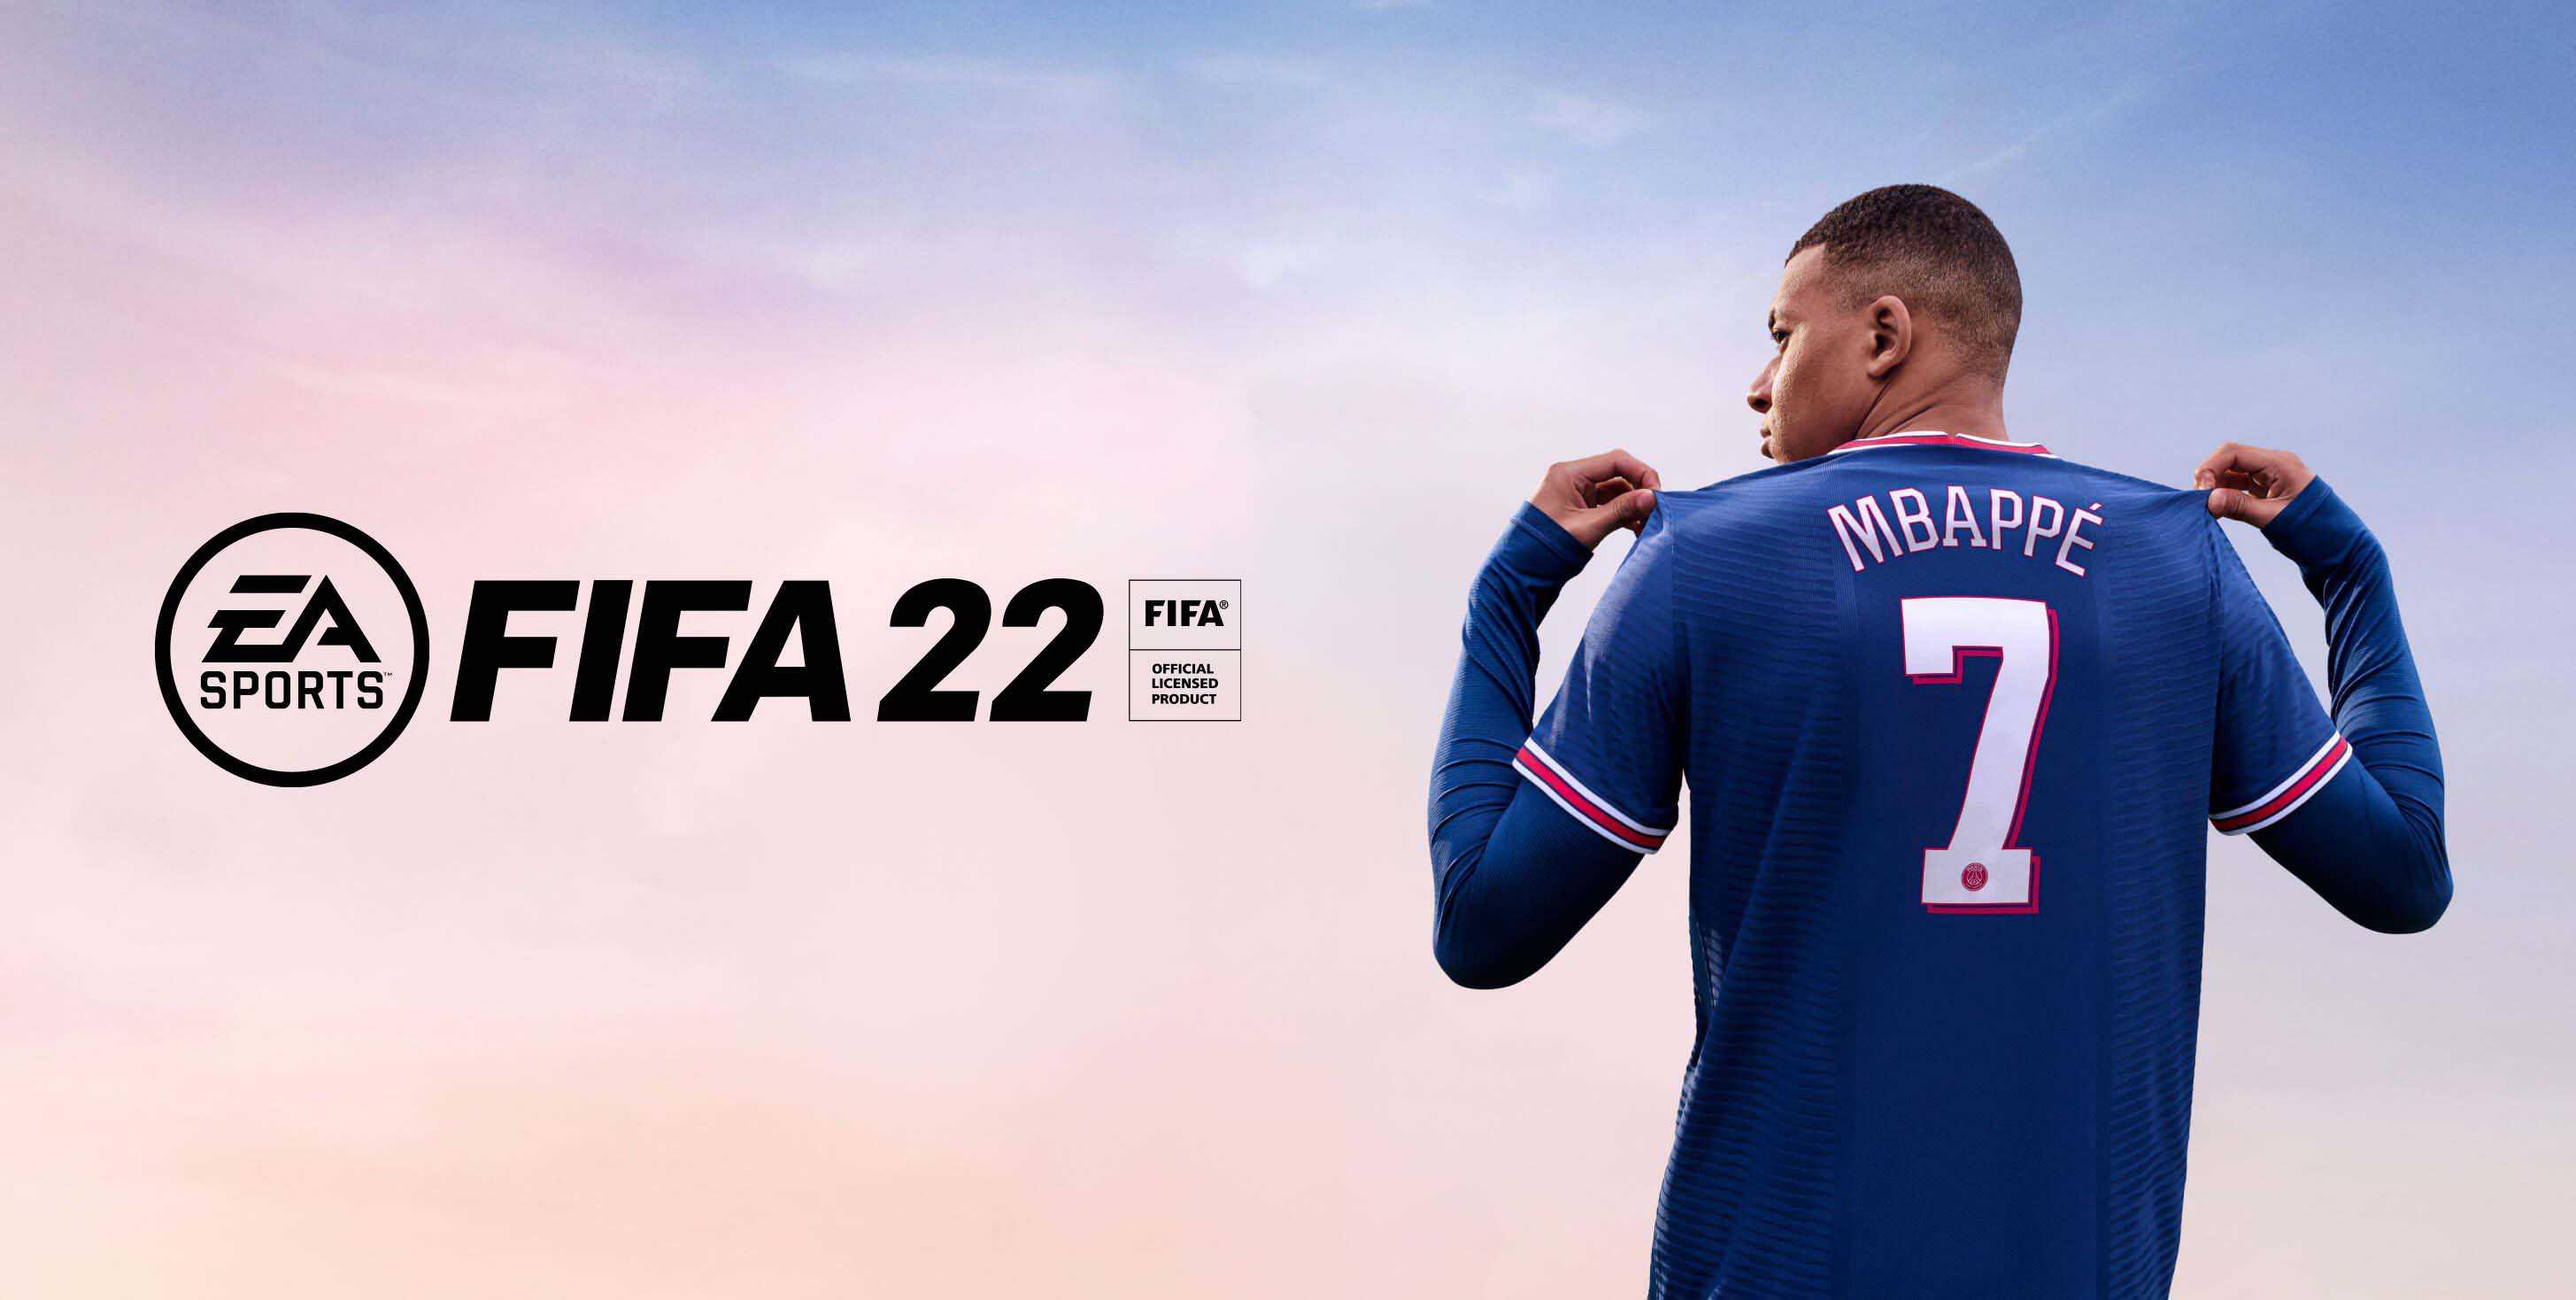 Toutes les nouveautés sur FIFA 22